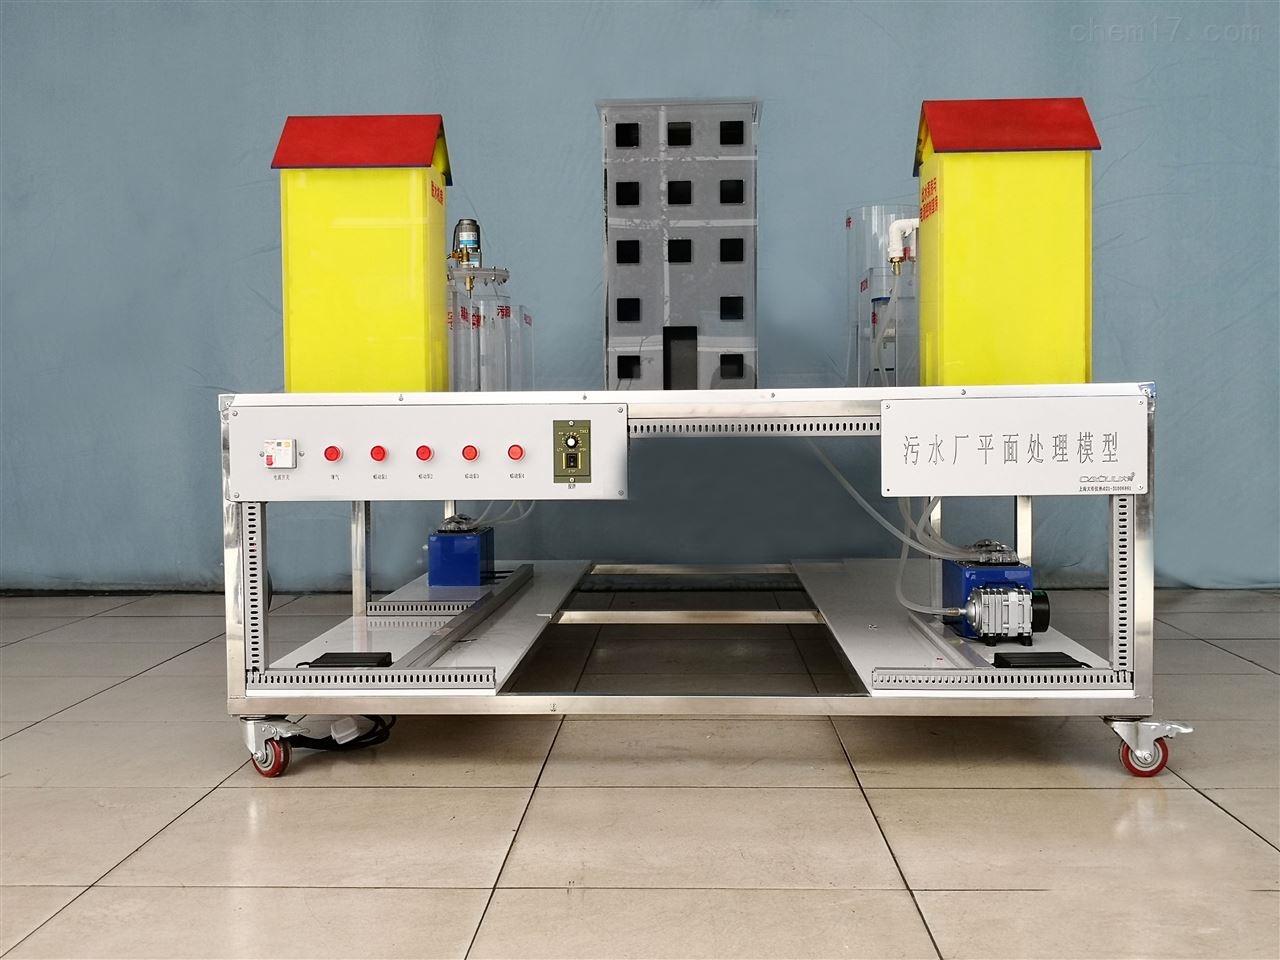 污水厂平面处理模型实验装置